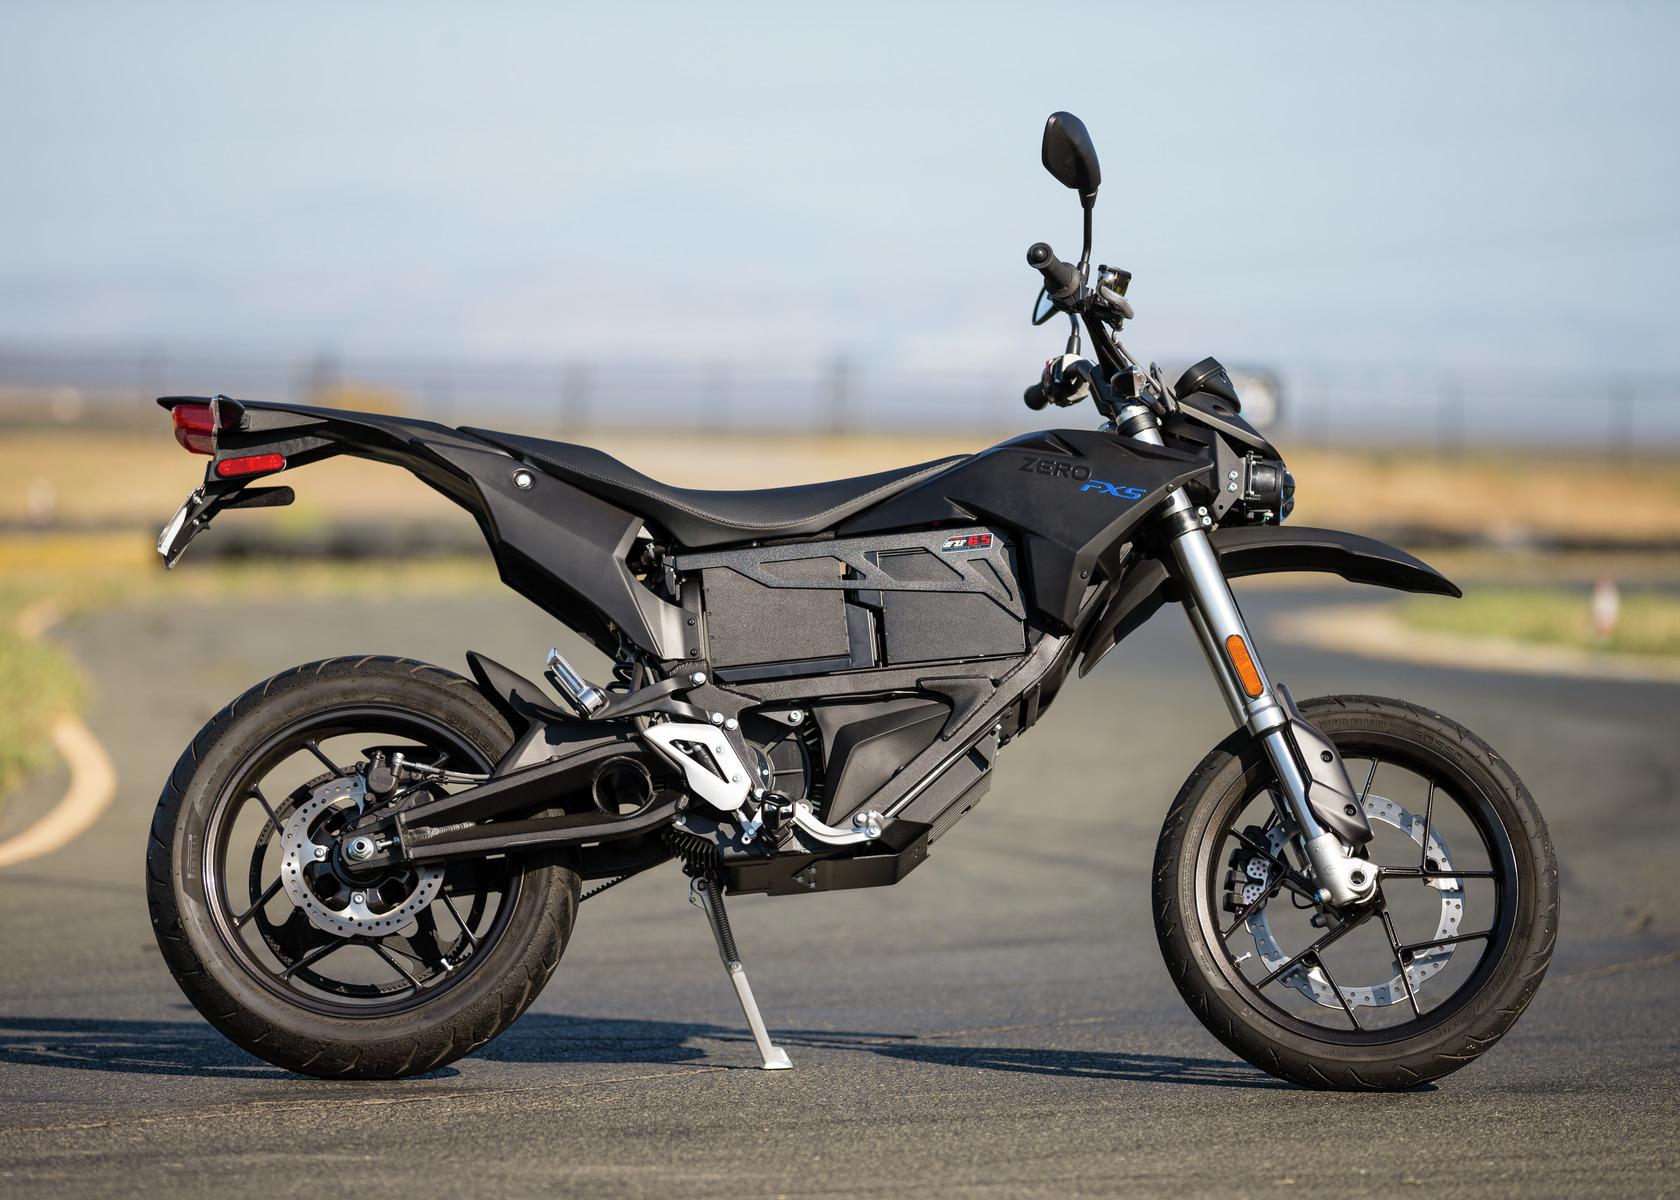 2016 Zero FXS Electric Motorcycle: